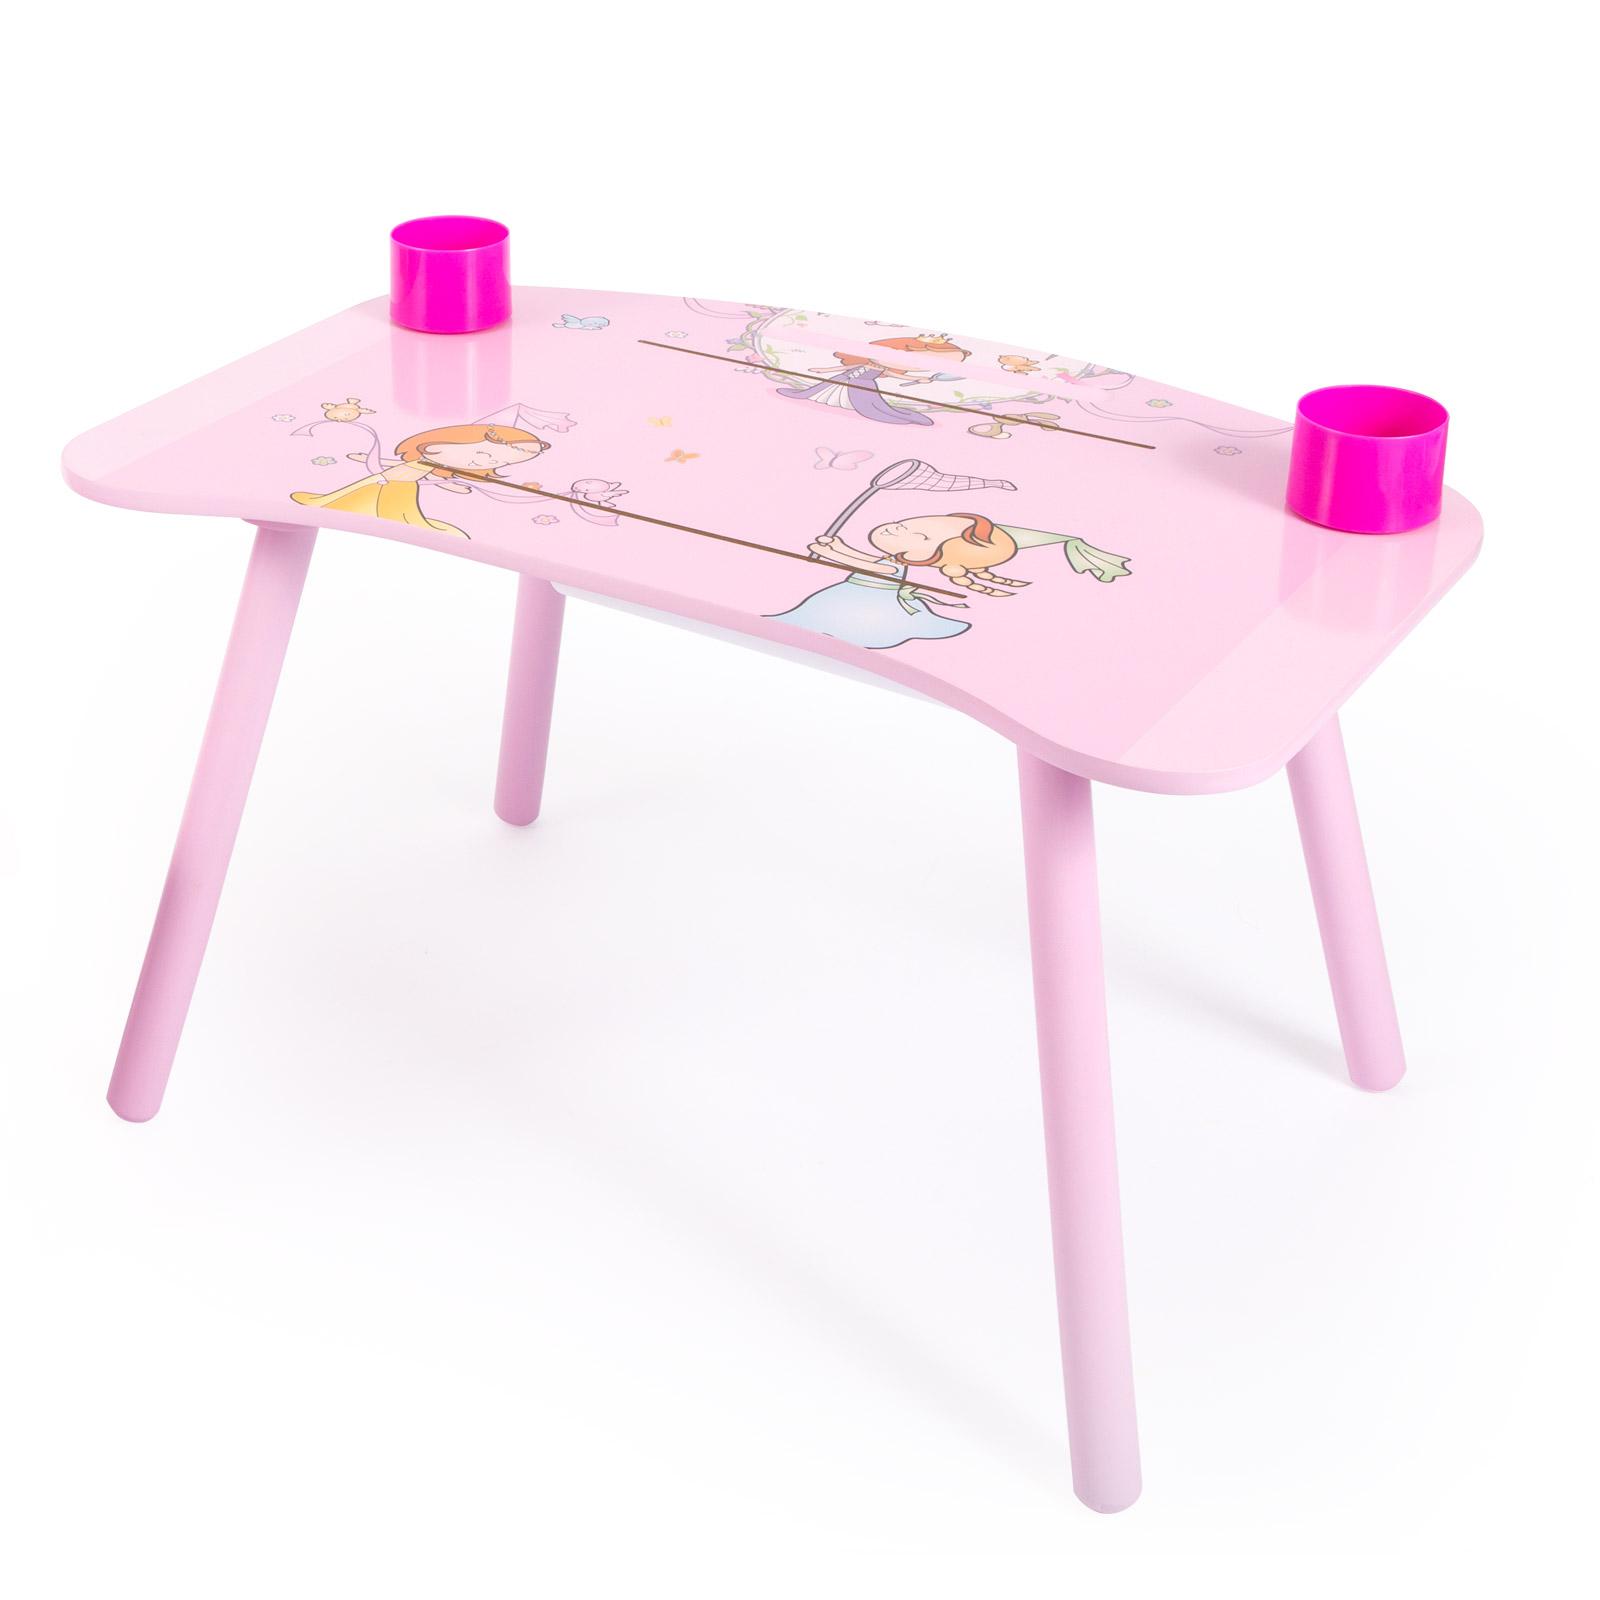 Kindertisch Stuhl kindermaltisch zeichentisch kinder tisch stuhl spieltisch